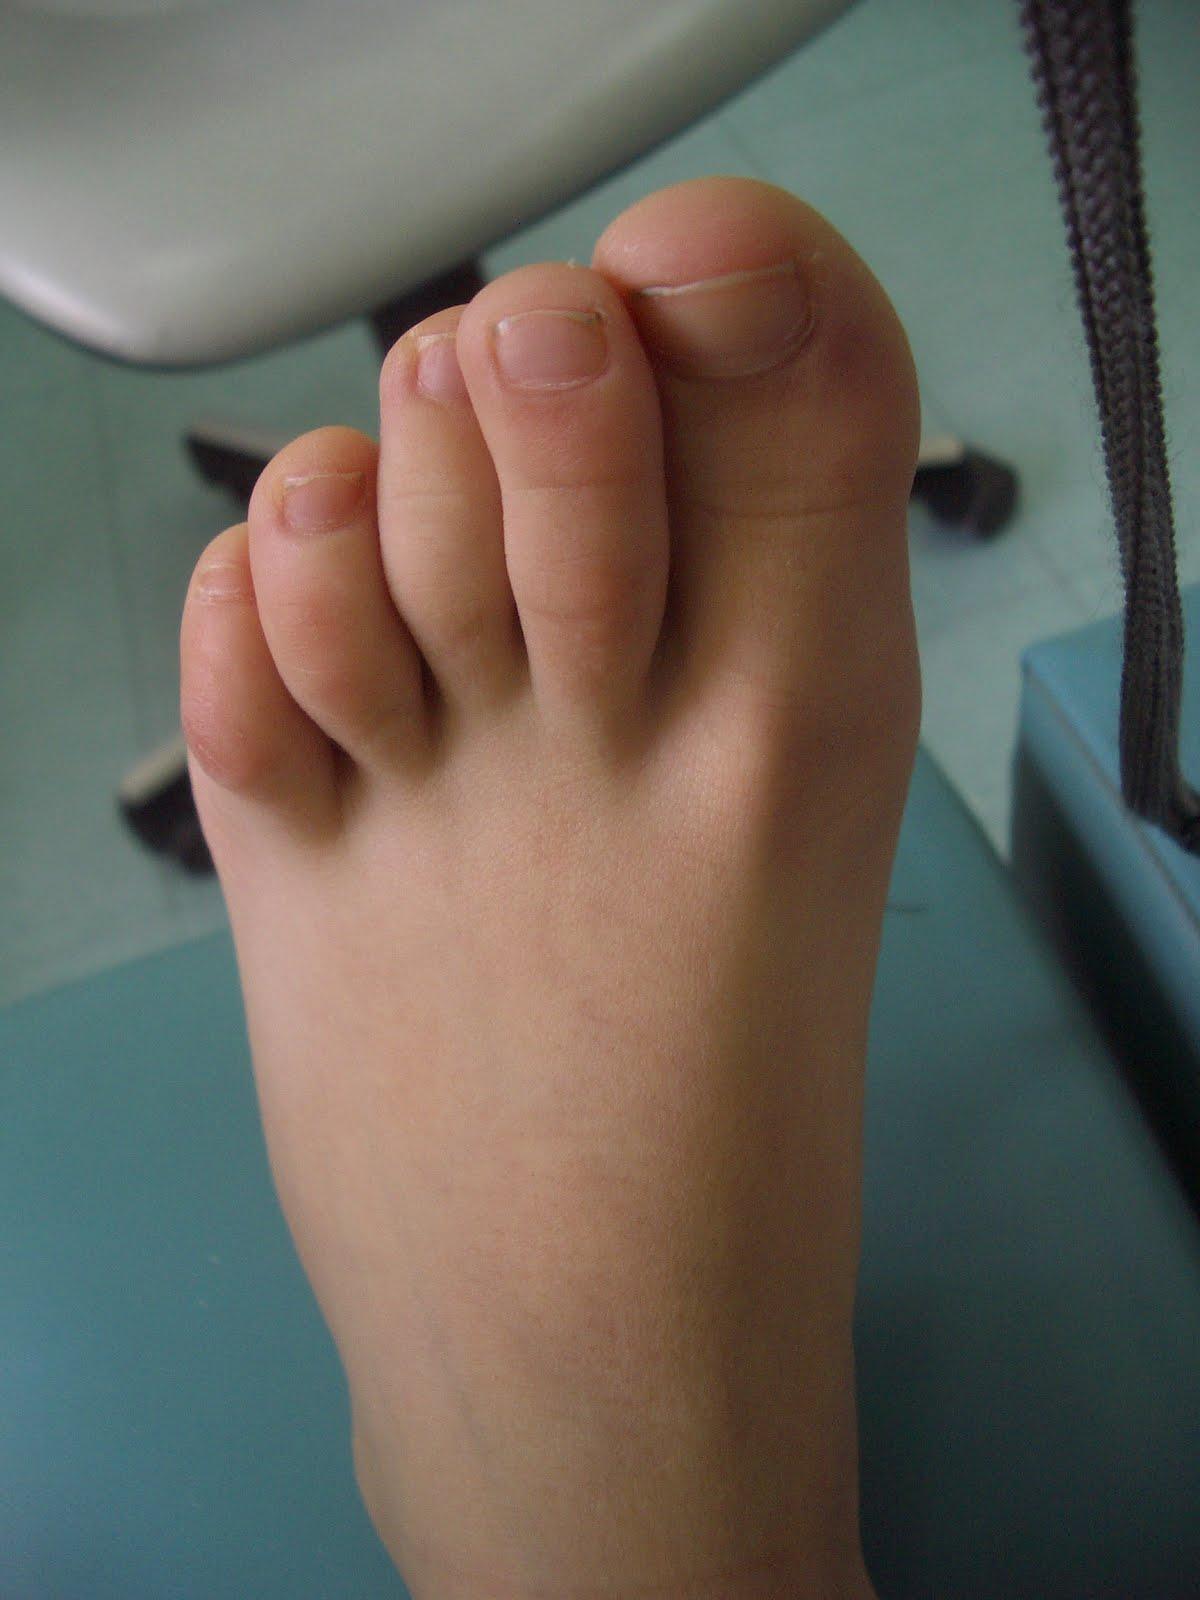 Se ha inflamado la vena en el pie como ayudar